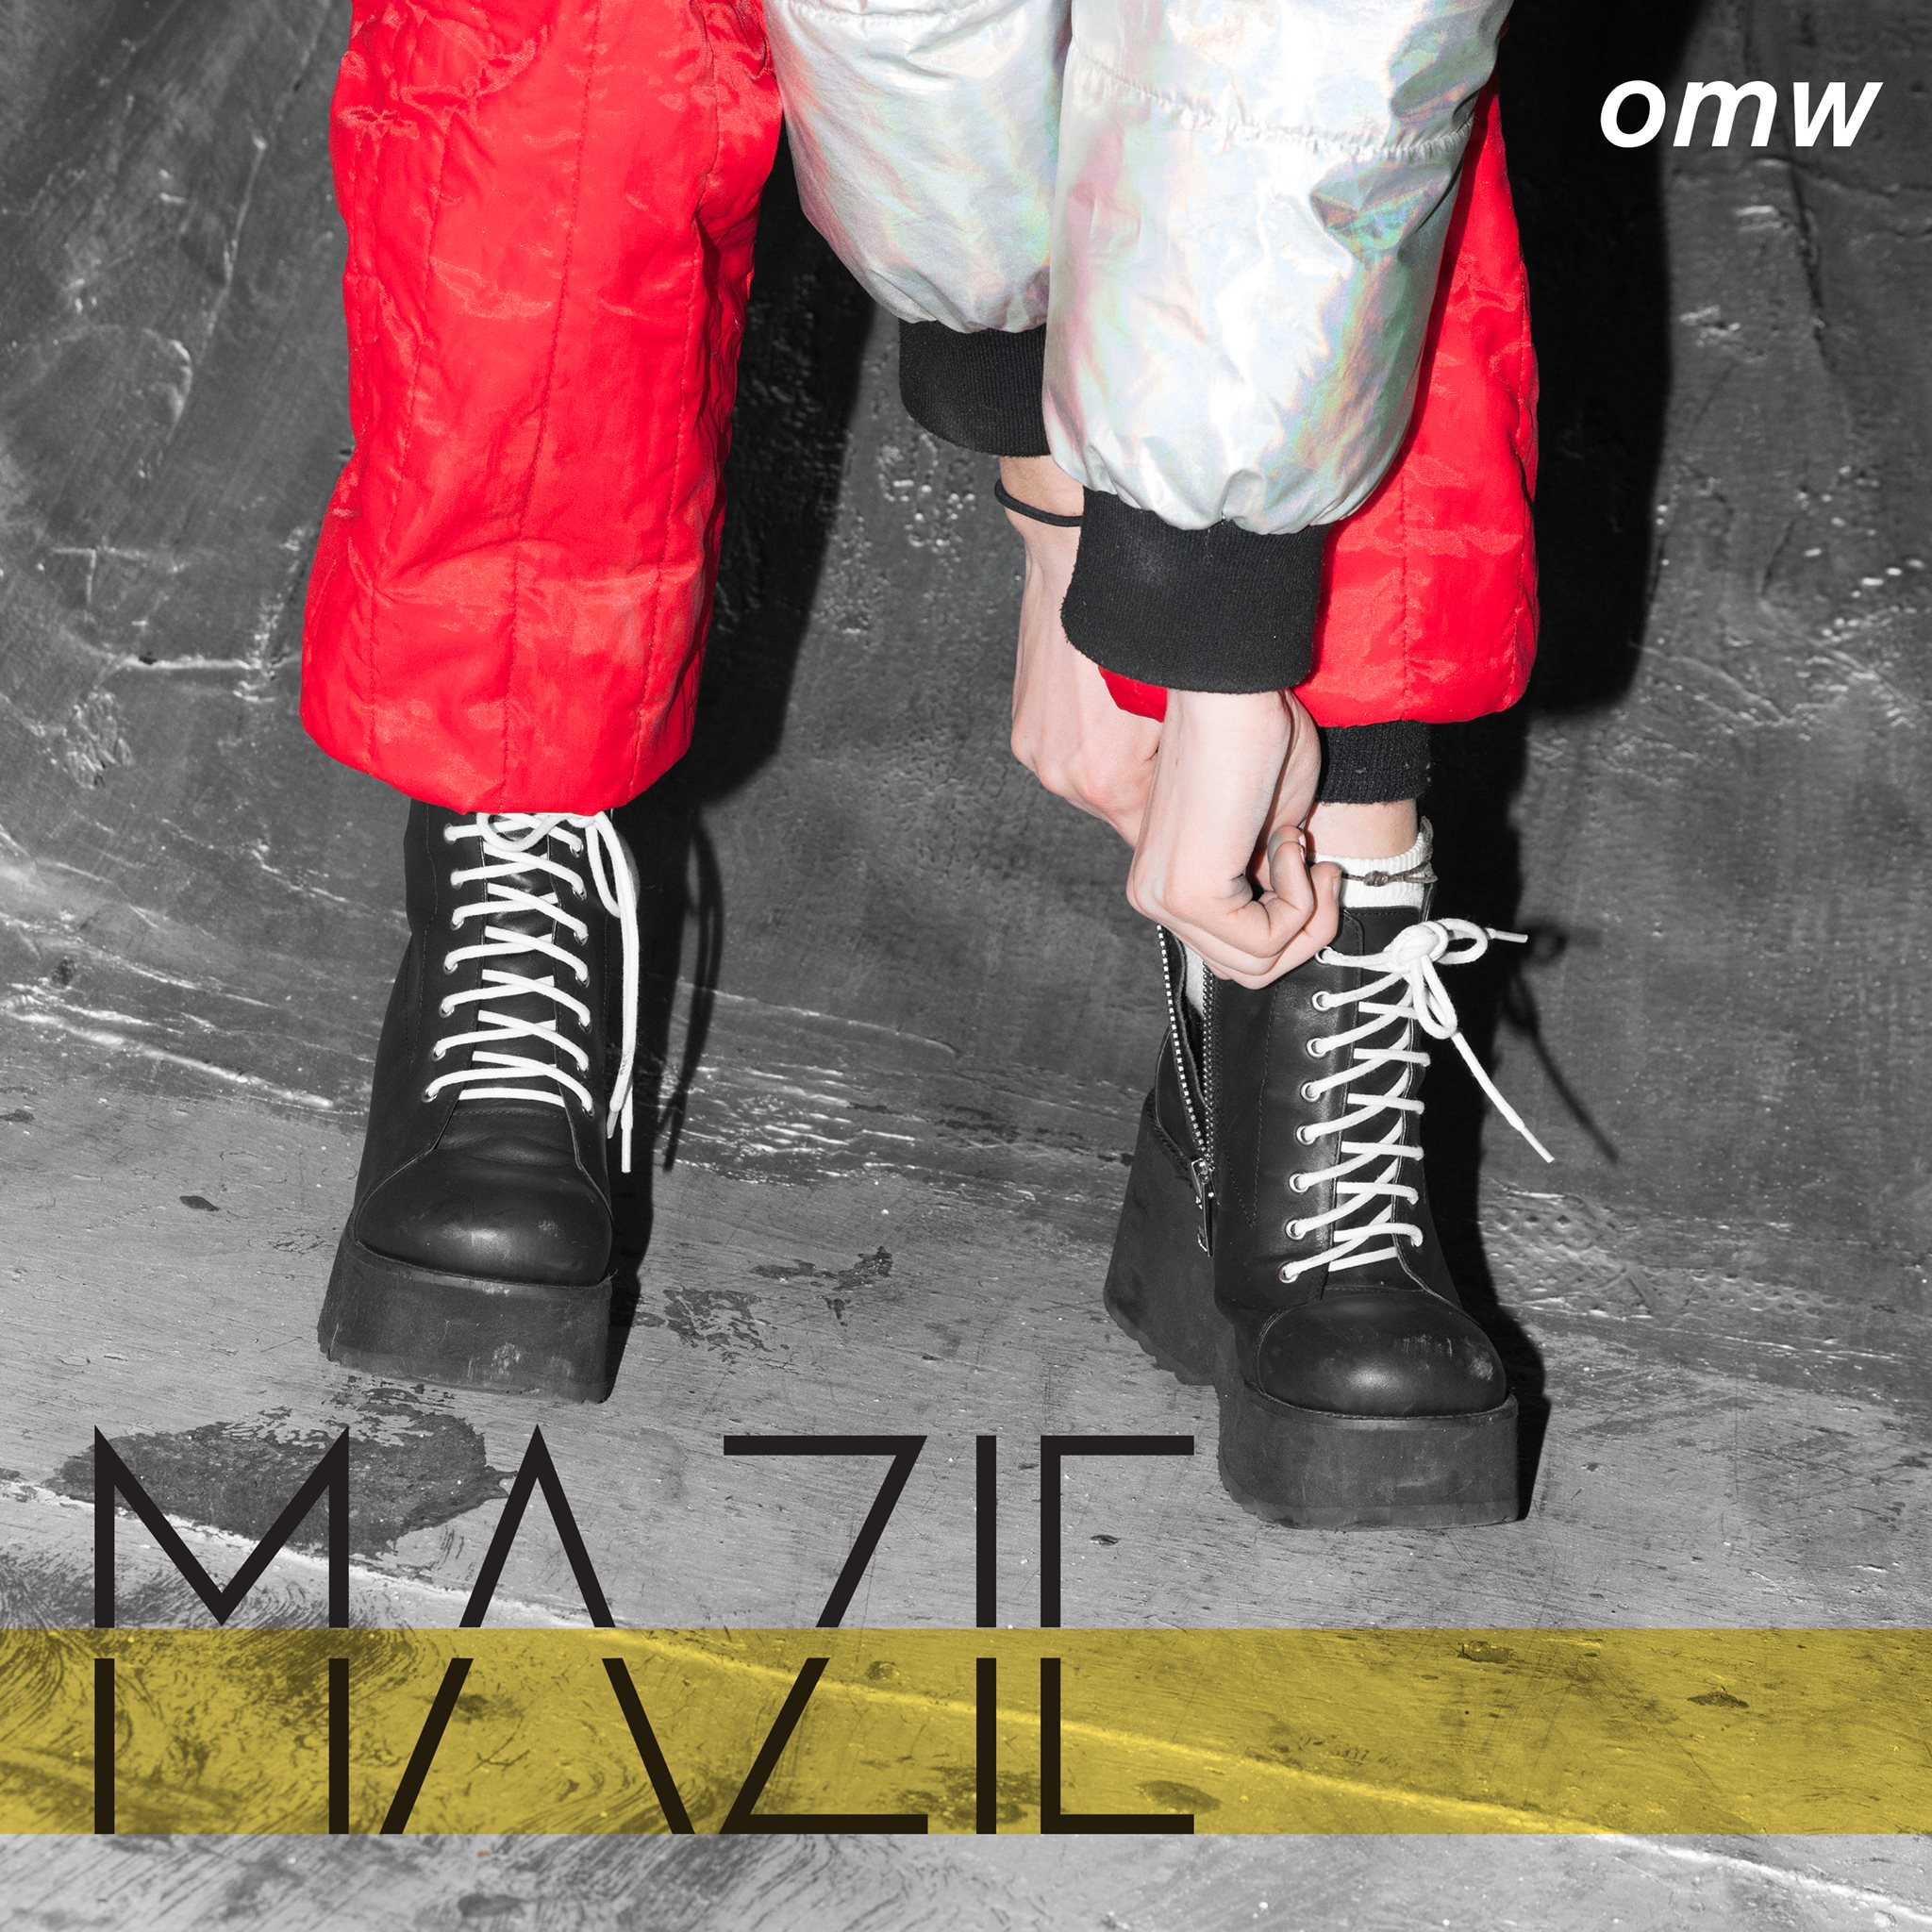 Mazie - omw